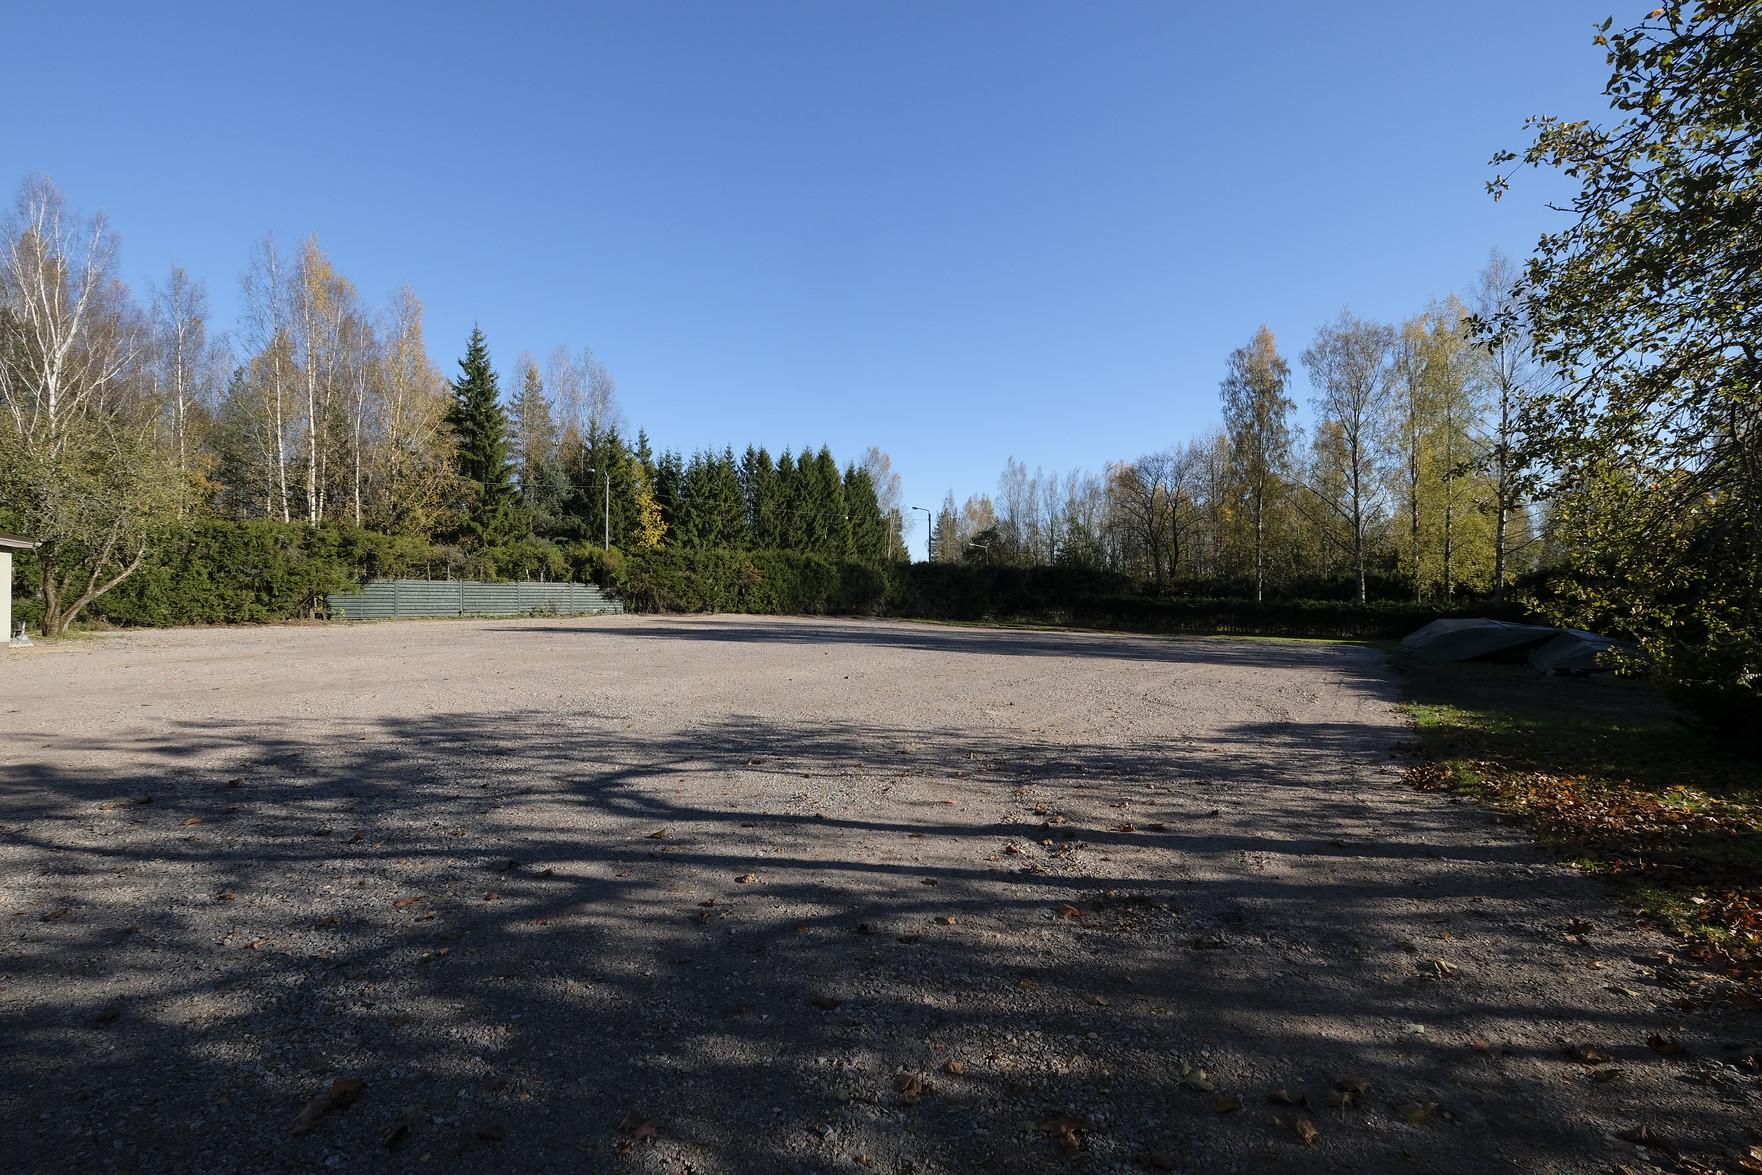 Toimitila, Kolamiilunkuja 1, Åbyn teollisuusalue, Vantaa